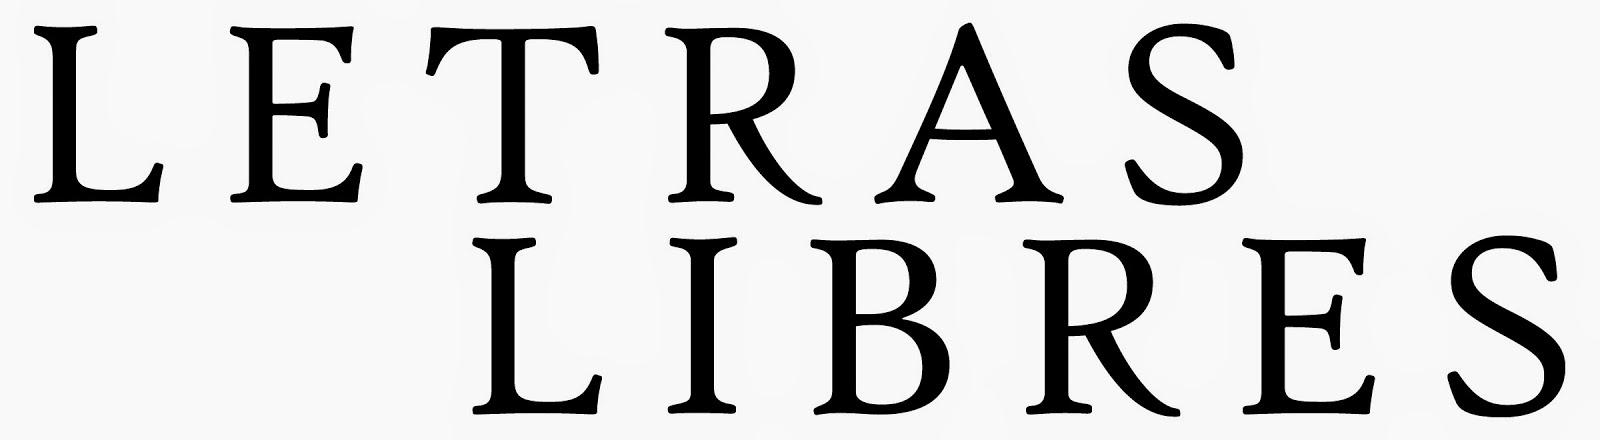 letras-libres-peyro.jpg